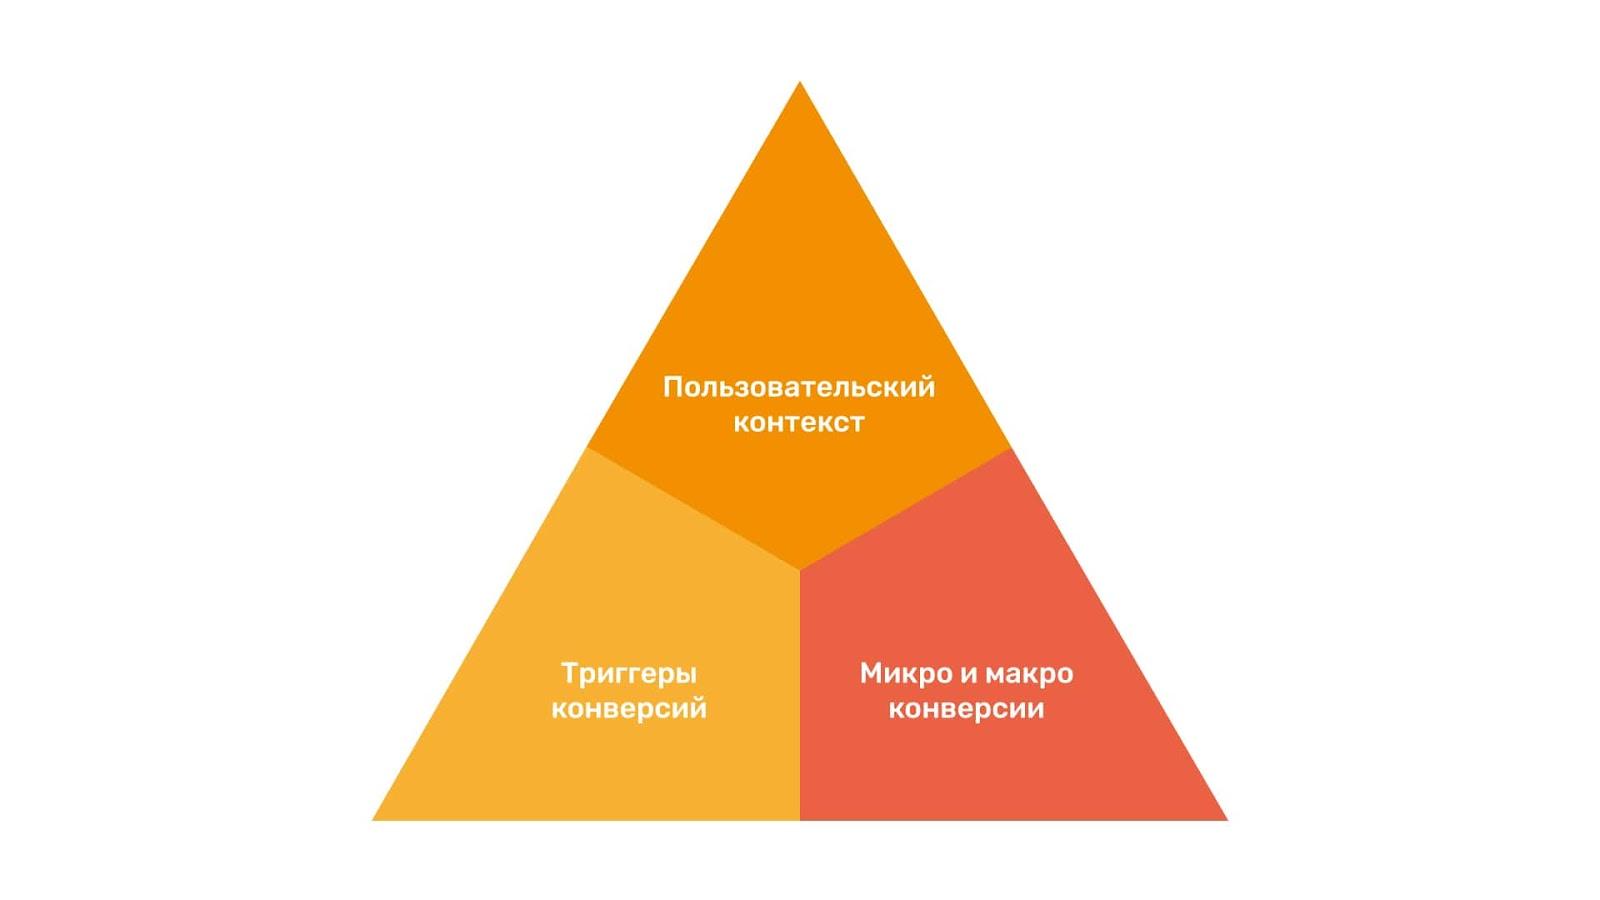 Модель піраміди